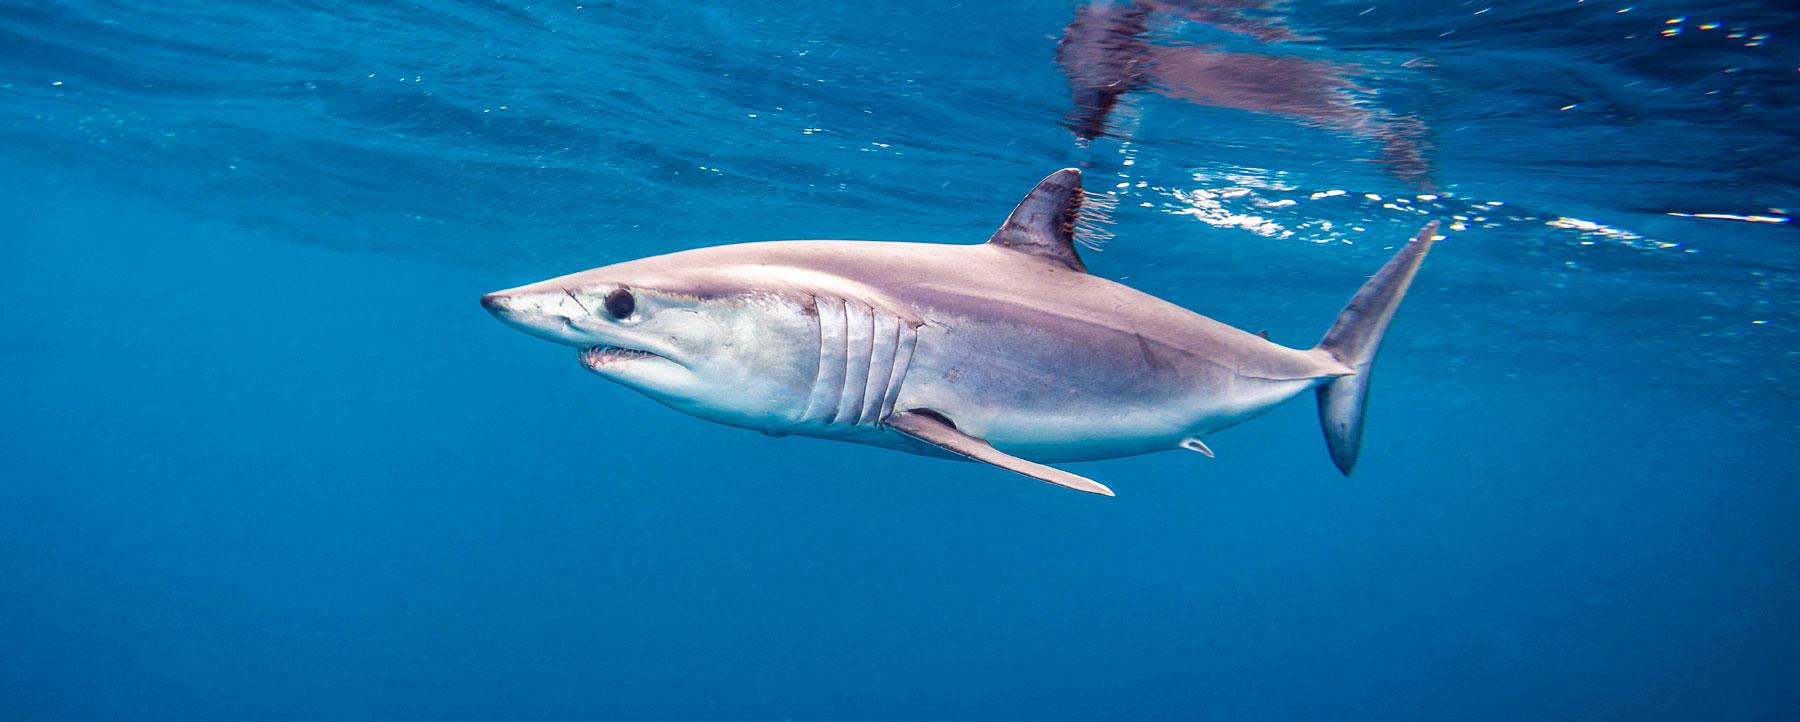 Mako shark swimming